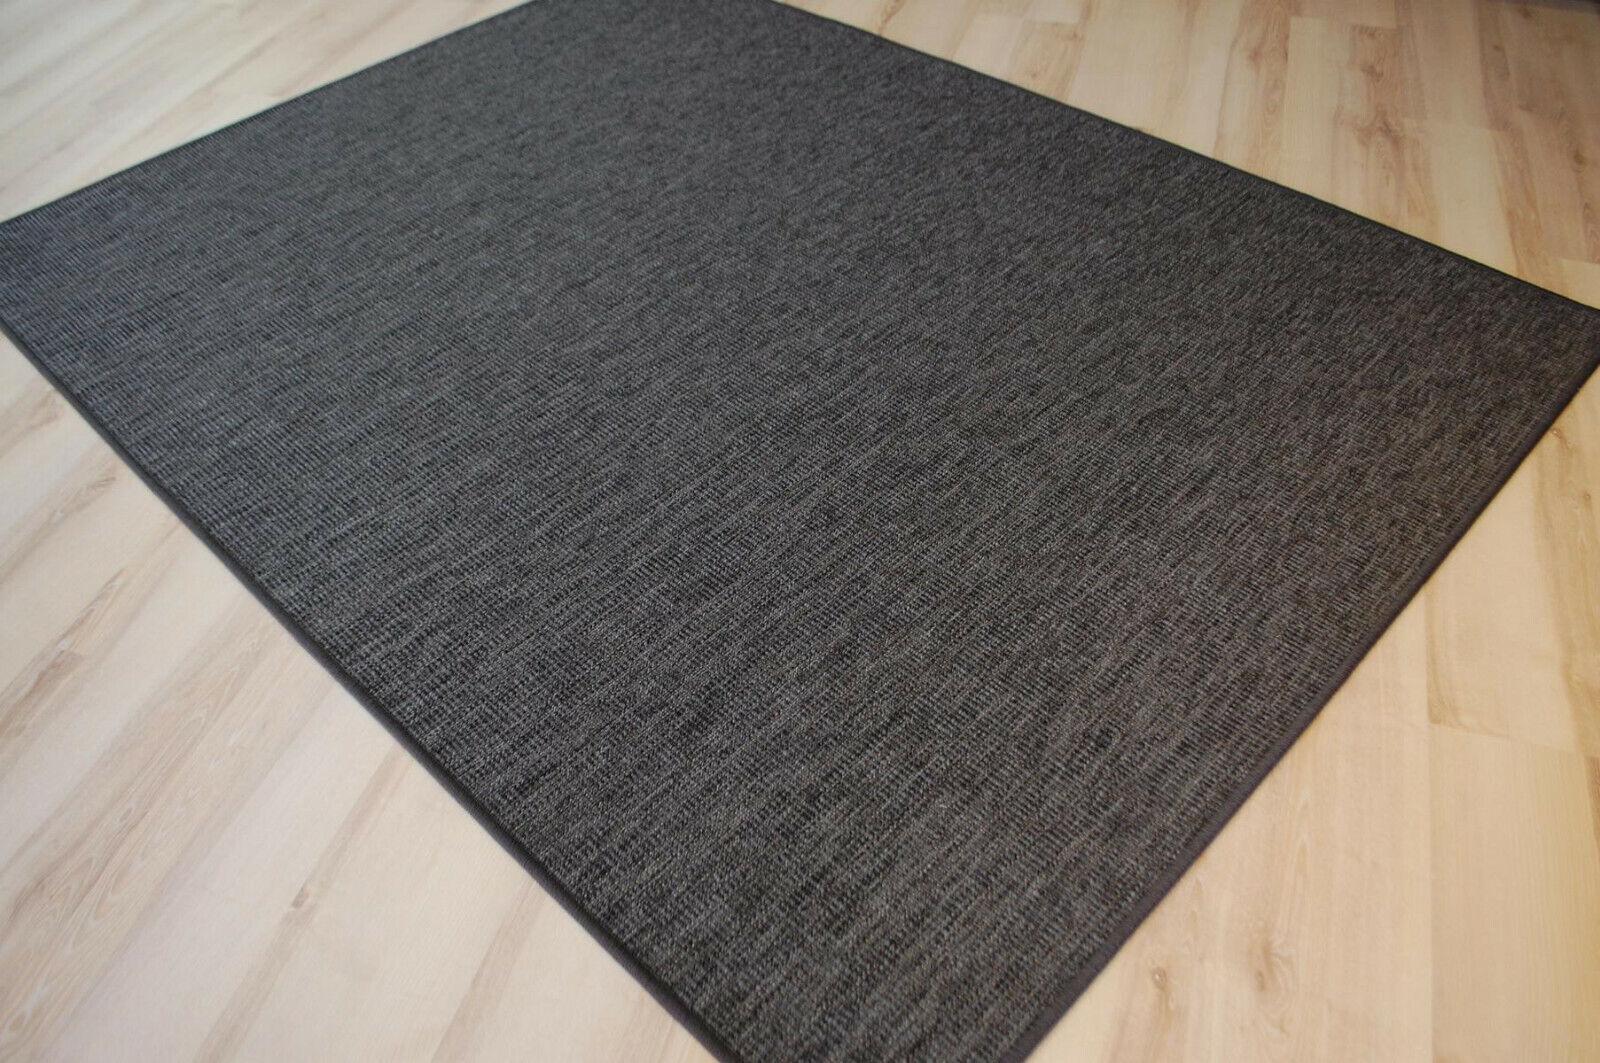 caldo Outdoor indoor indoor indoor TAPPETO Cornus ANTRACITE resistente alle intemperie terrazzo cucina grigio  qualità ufficiale